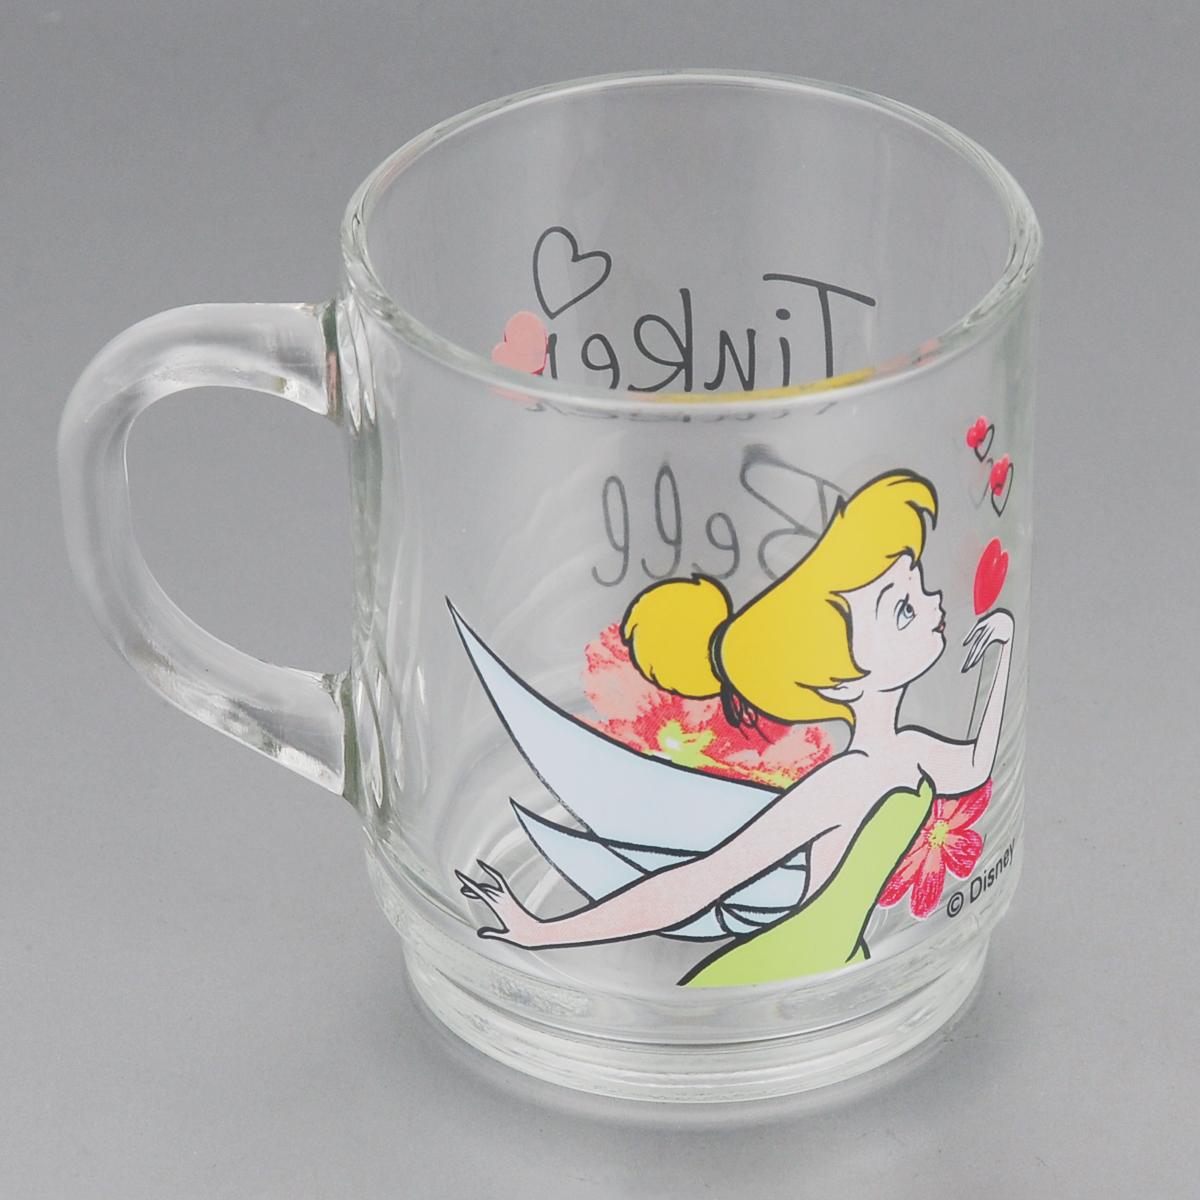 Кружка Luminarc Disney Tinker Bell, 250 млH3630Кружка Luminarc Disney Tinker Bell, изготовленная из прочного стекла, прекрасно подойдет для подачи горячих и холодных напитков. Она дополнит коллекцию вашей кухонной посуды и будет служить долгие годы. Диаметр кружки (по верхнему краю): 7 см. Высота стакана: 9 см.